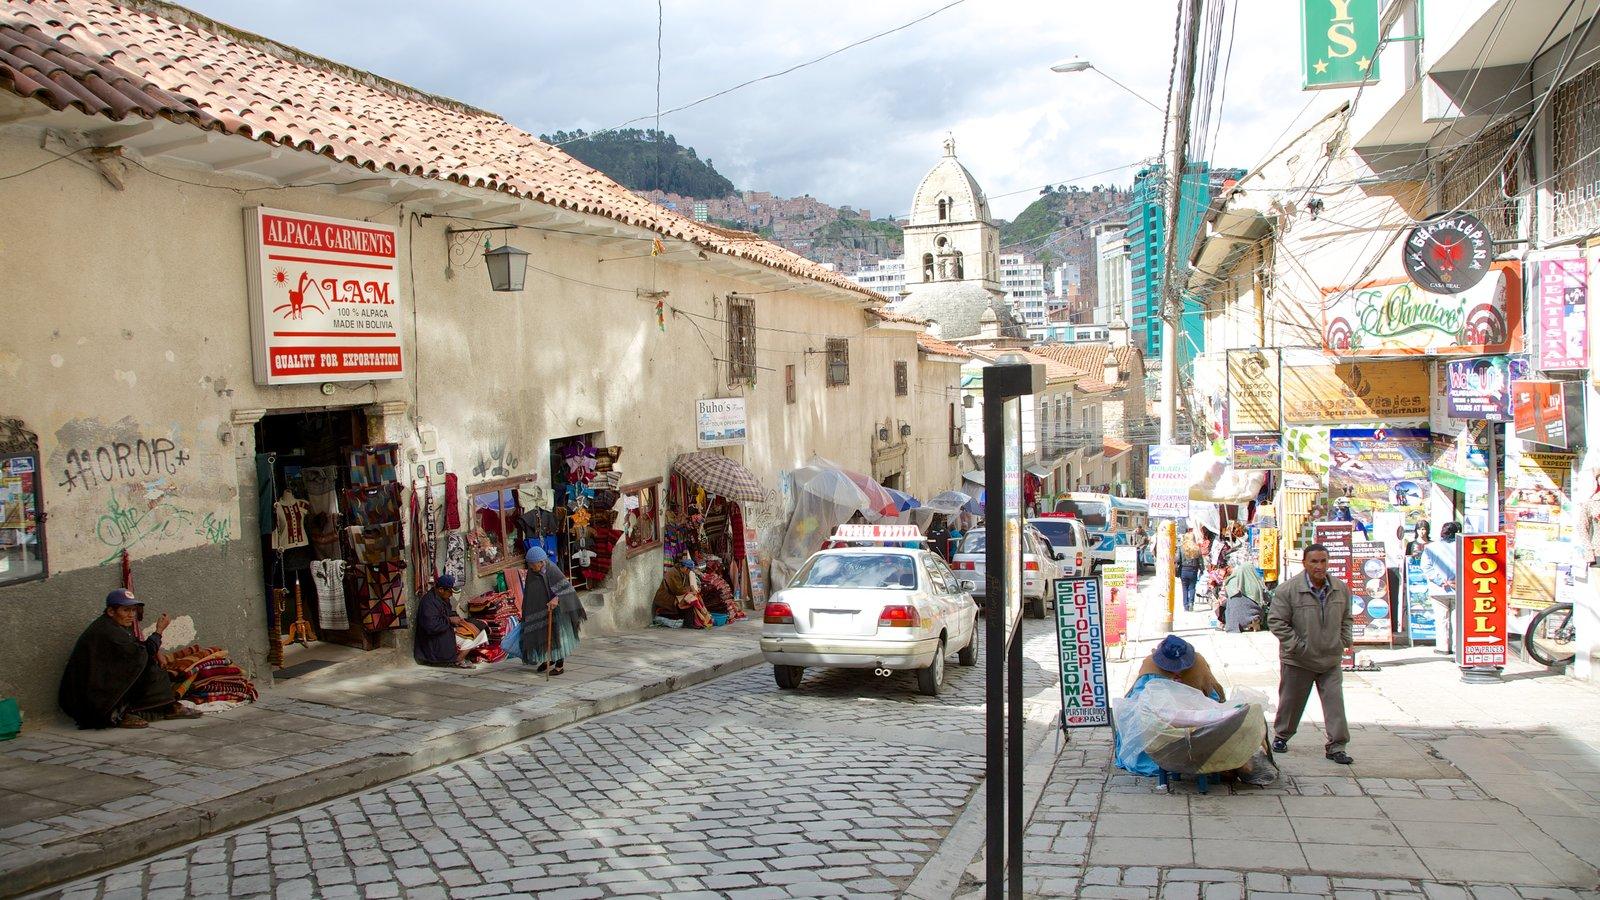 La Paz mostrando cenas de rua